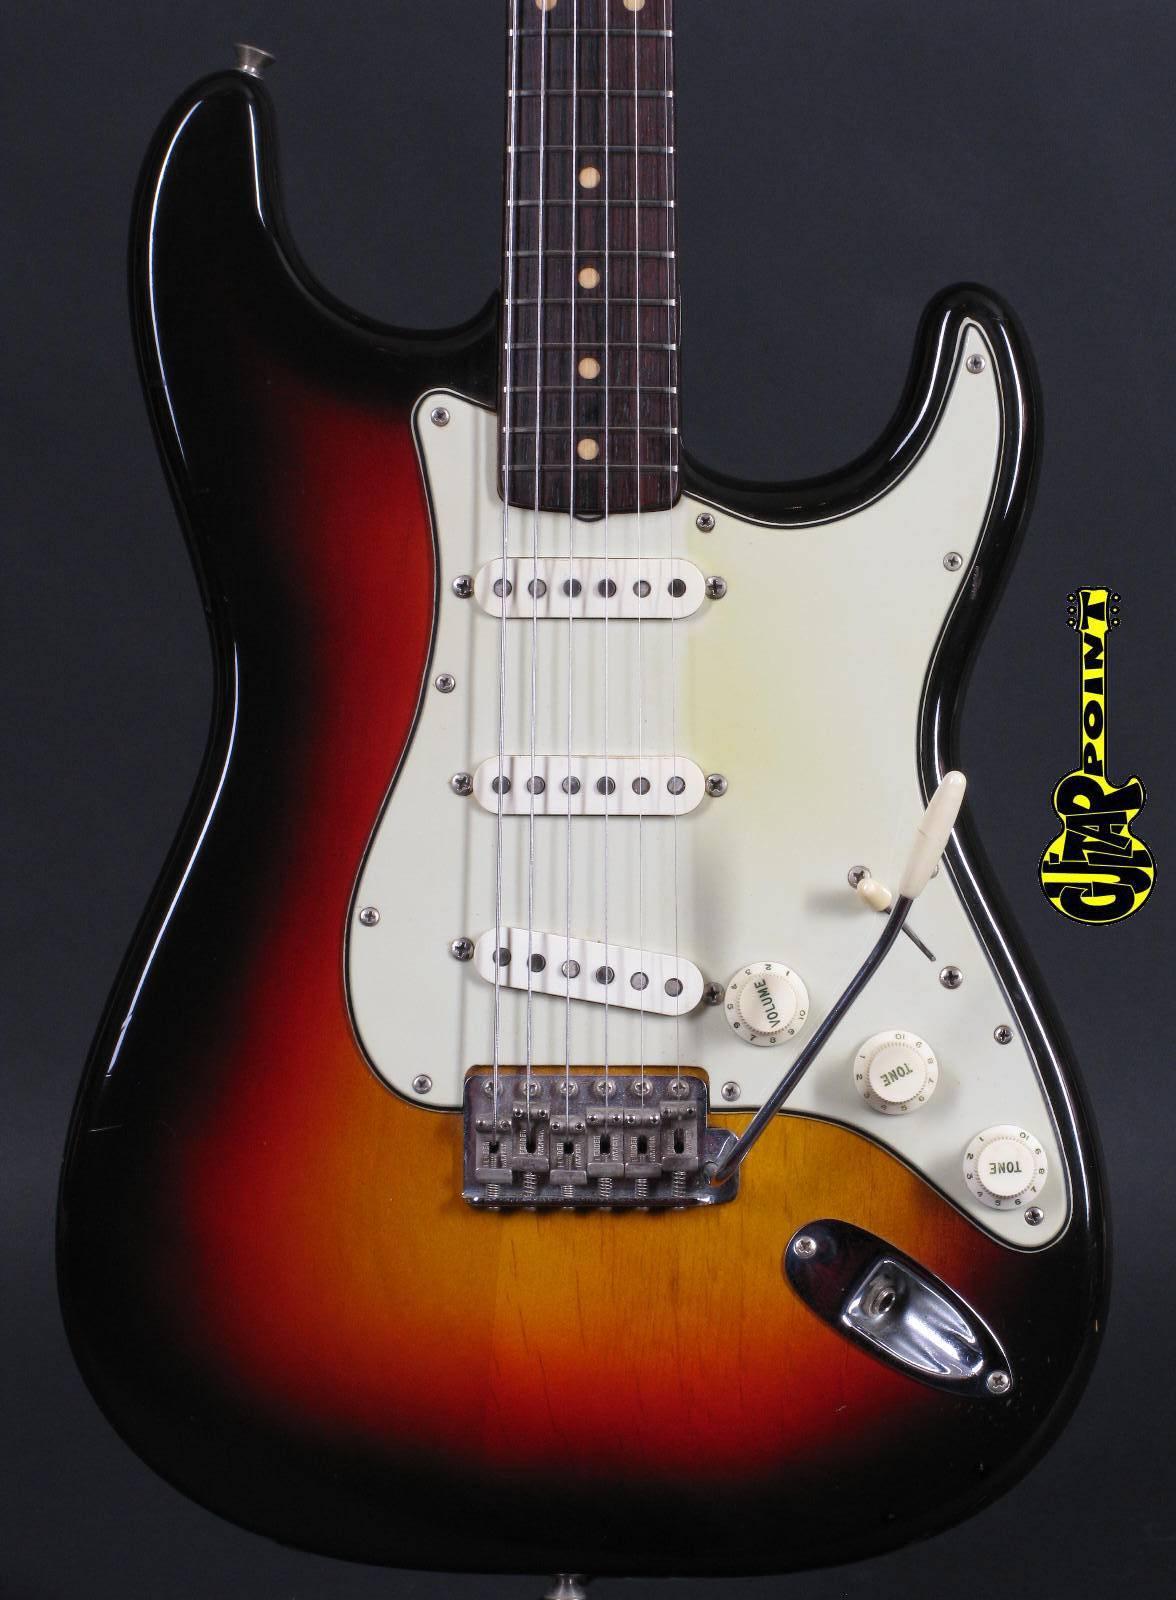 1961 Fender Stratocaster 3-tone Sunburst